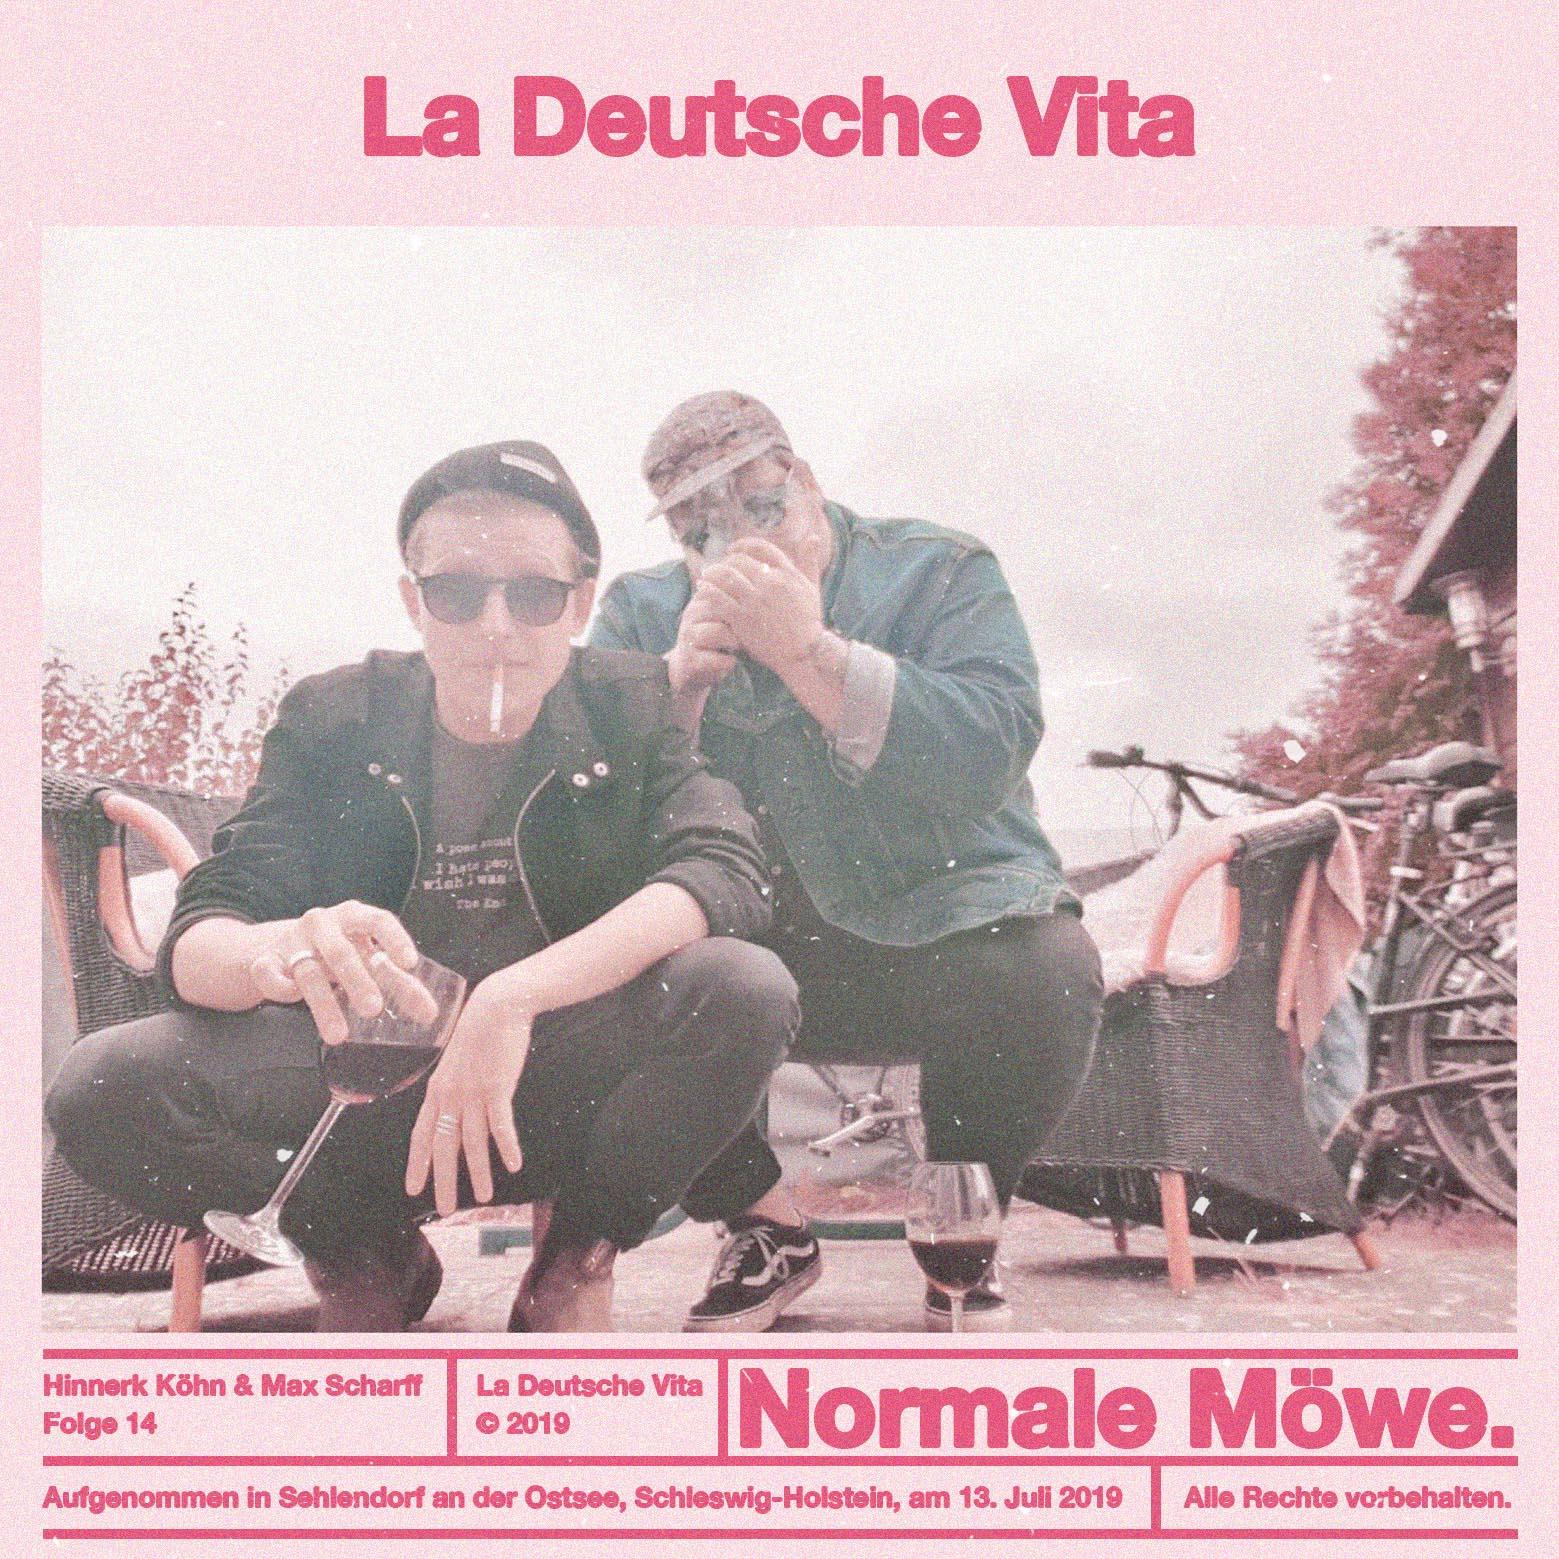 #014 - La Deutsche Vita